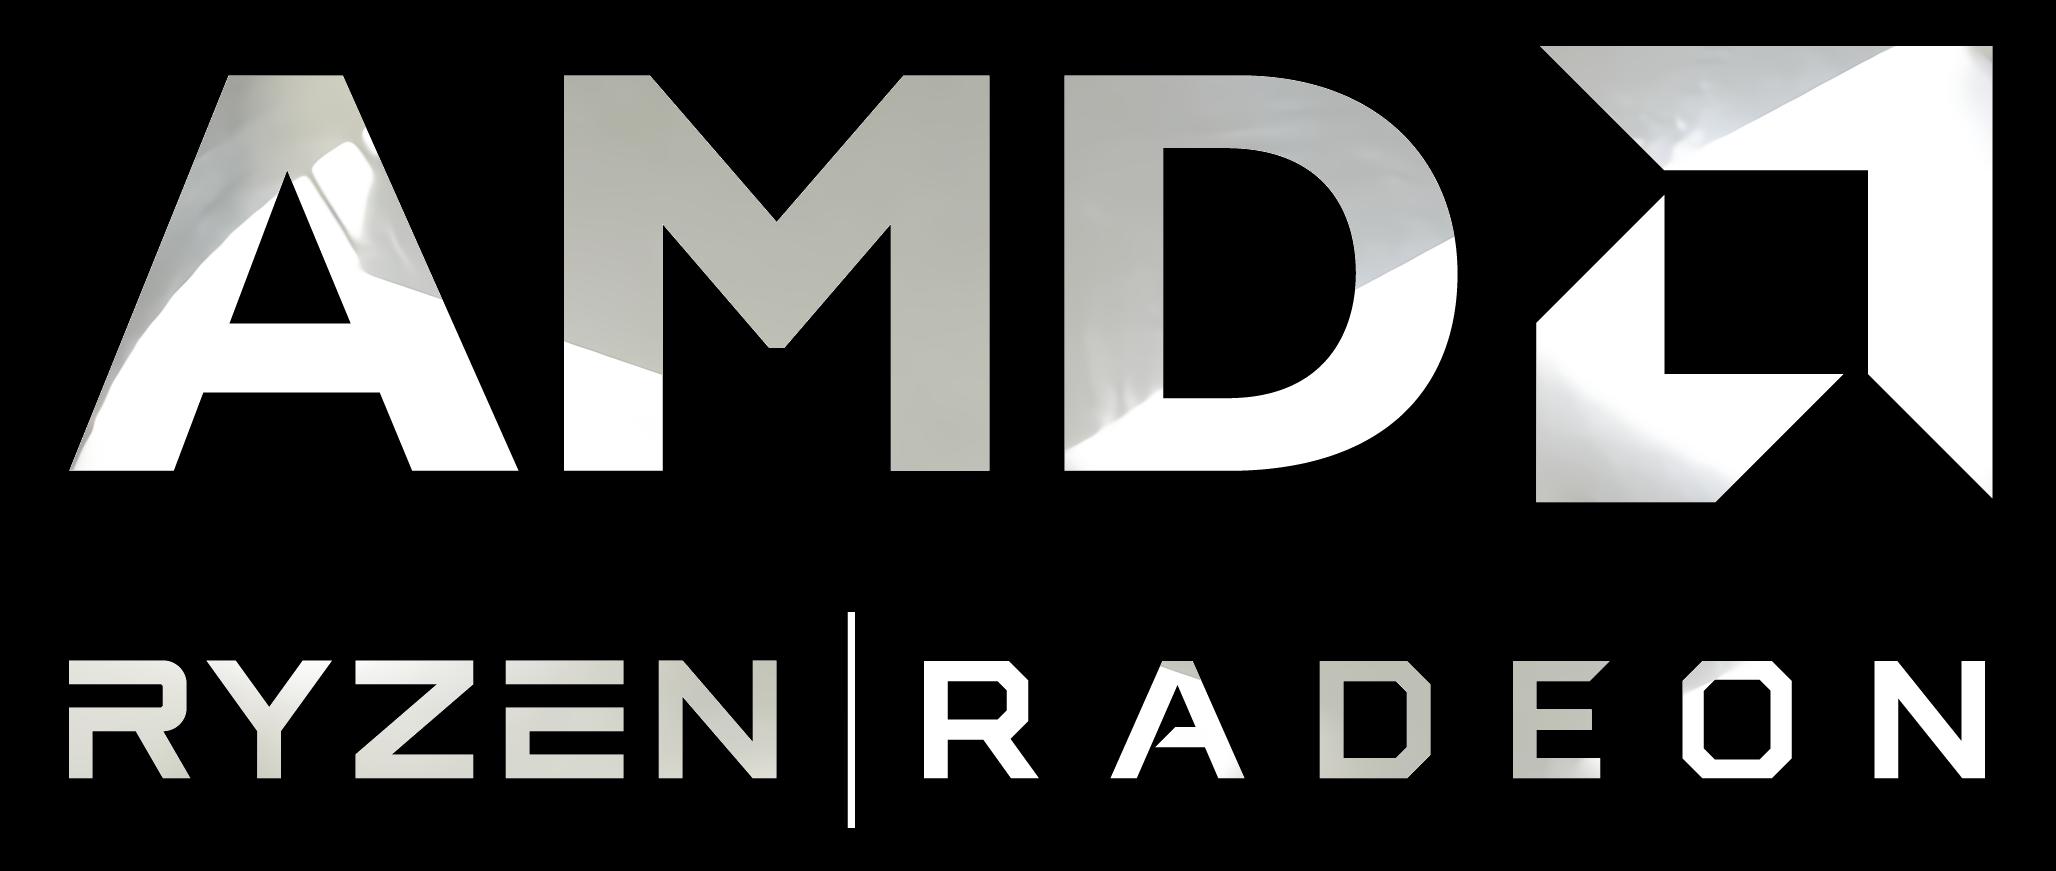 Amd Ryzen Logo Silver On Transparency Logos Things To Sell Gaming Logos